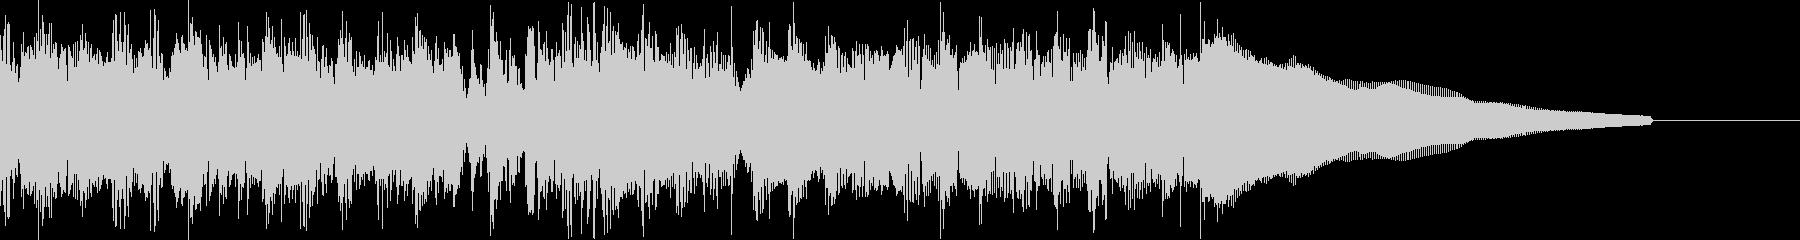 カントリー風ギターイントロ−07Bの未再生の波形